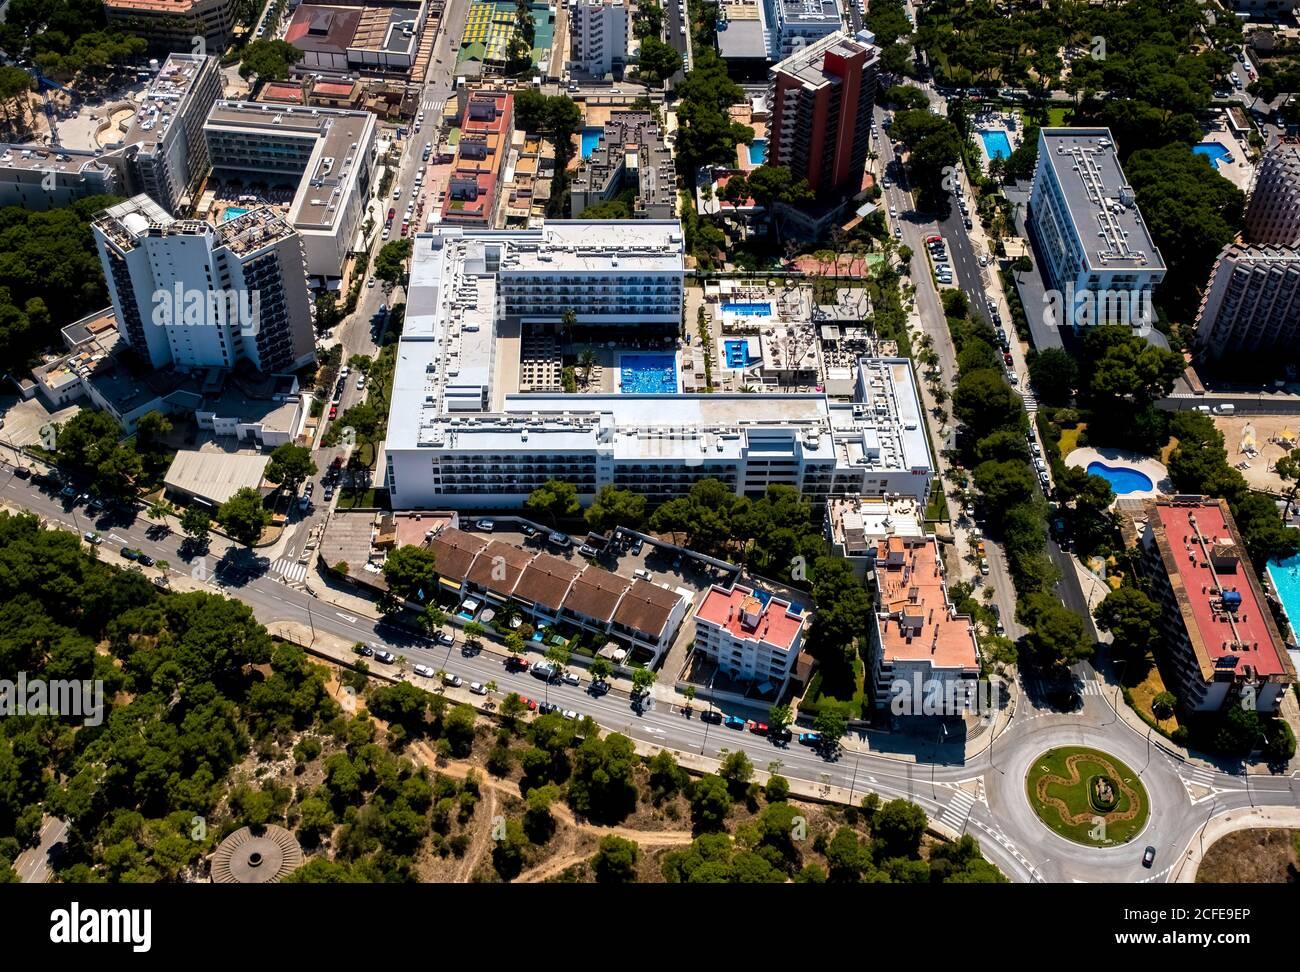 Luftbild, 3-Sterne-Hotel, Hotel Riu Playa Park in der Nähe von Arenal Strand mit Balneario 5, Balneario 6, Balneario 5, S'arenal, Arenal, Ballermann, Mallorca, Stockfoto